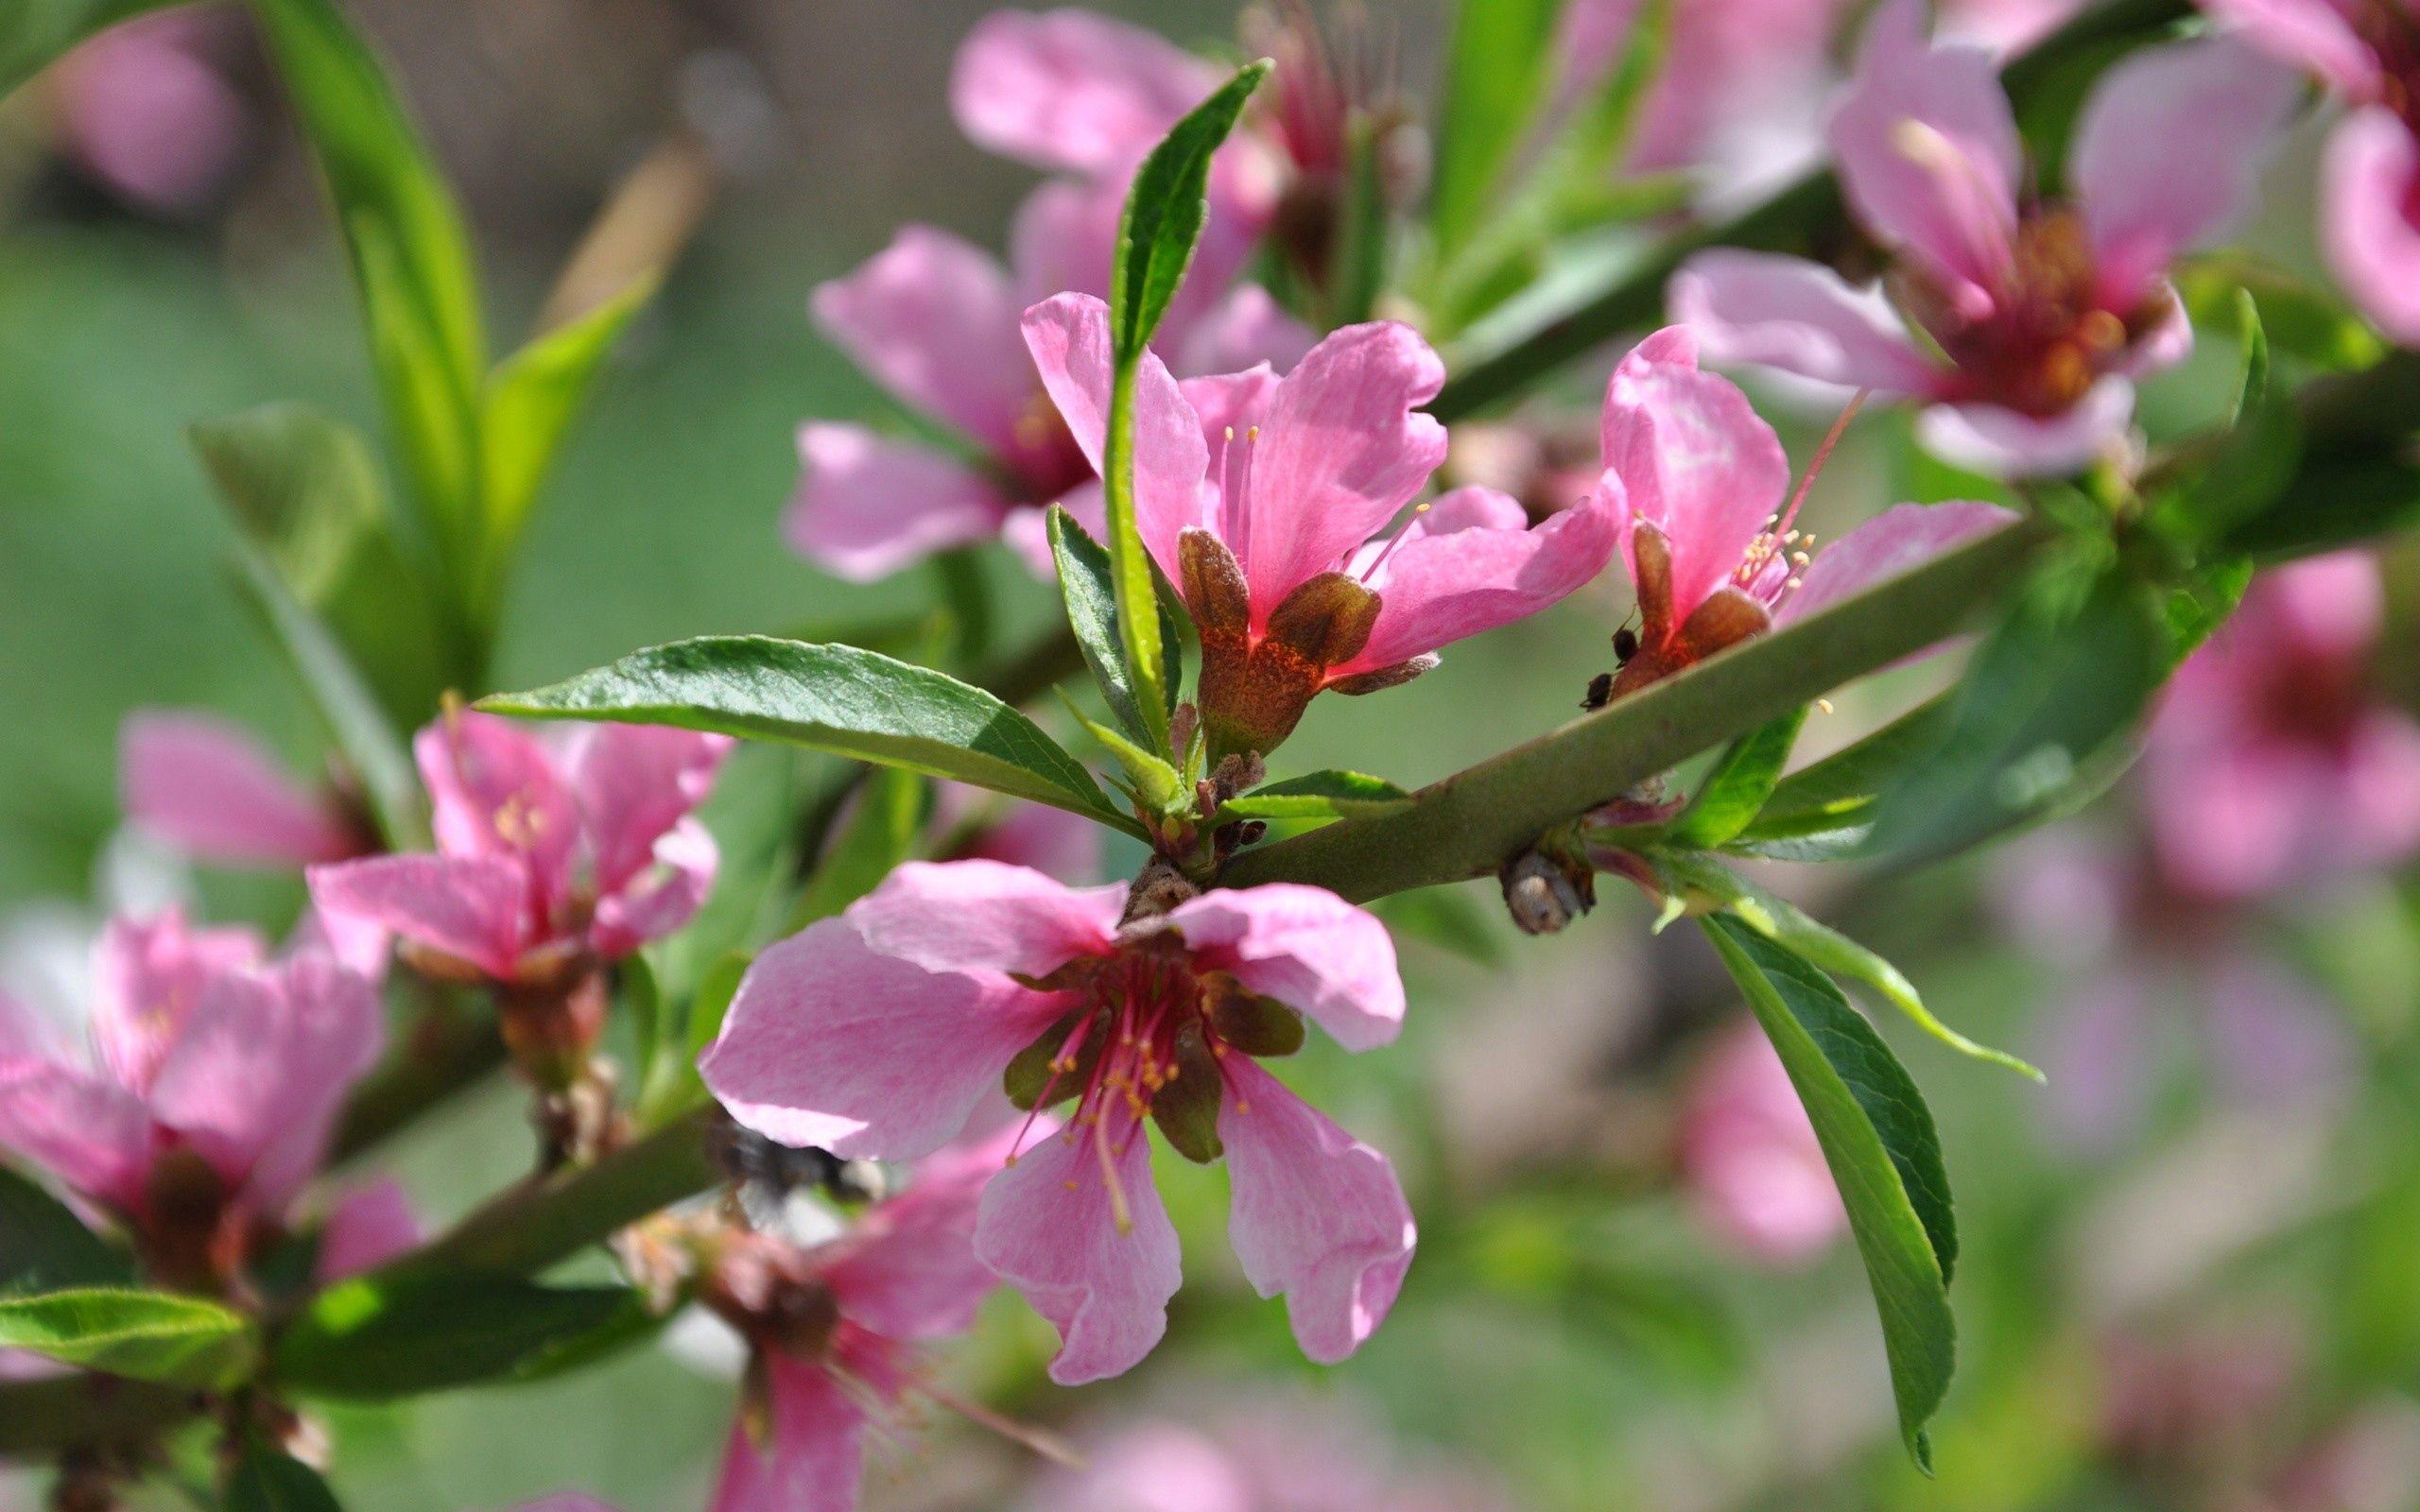 157582 Salvapantallas y fondos de pantalla Flores en tu teléfono. Descarga imágenes de Macro, Verano, Rama, Flores gratis